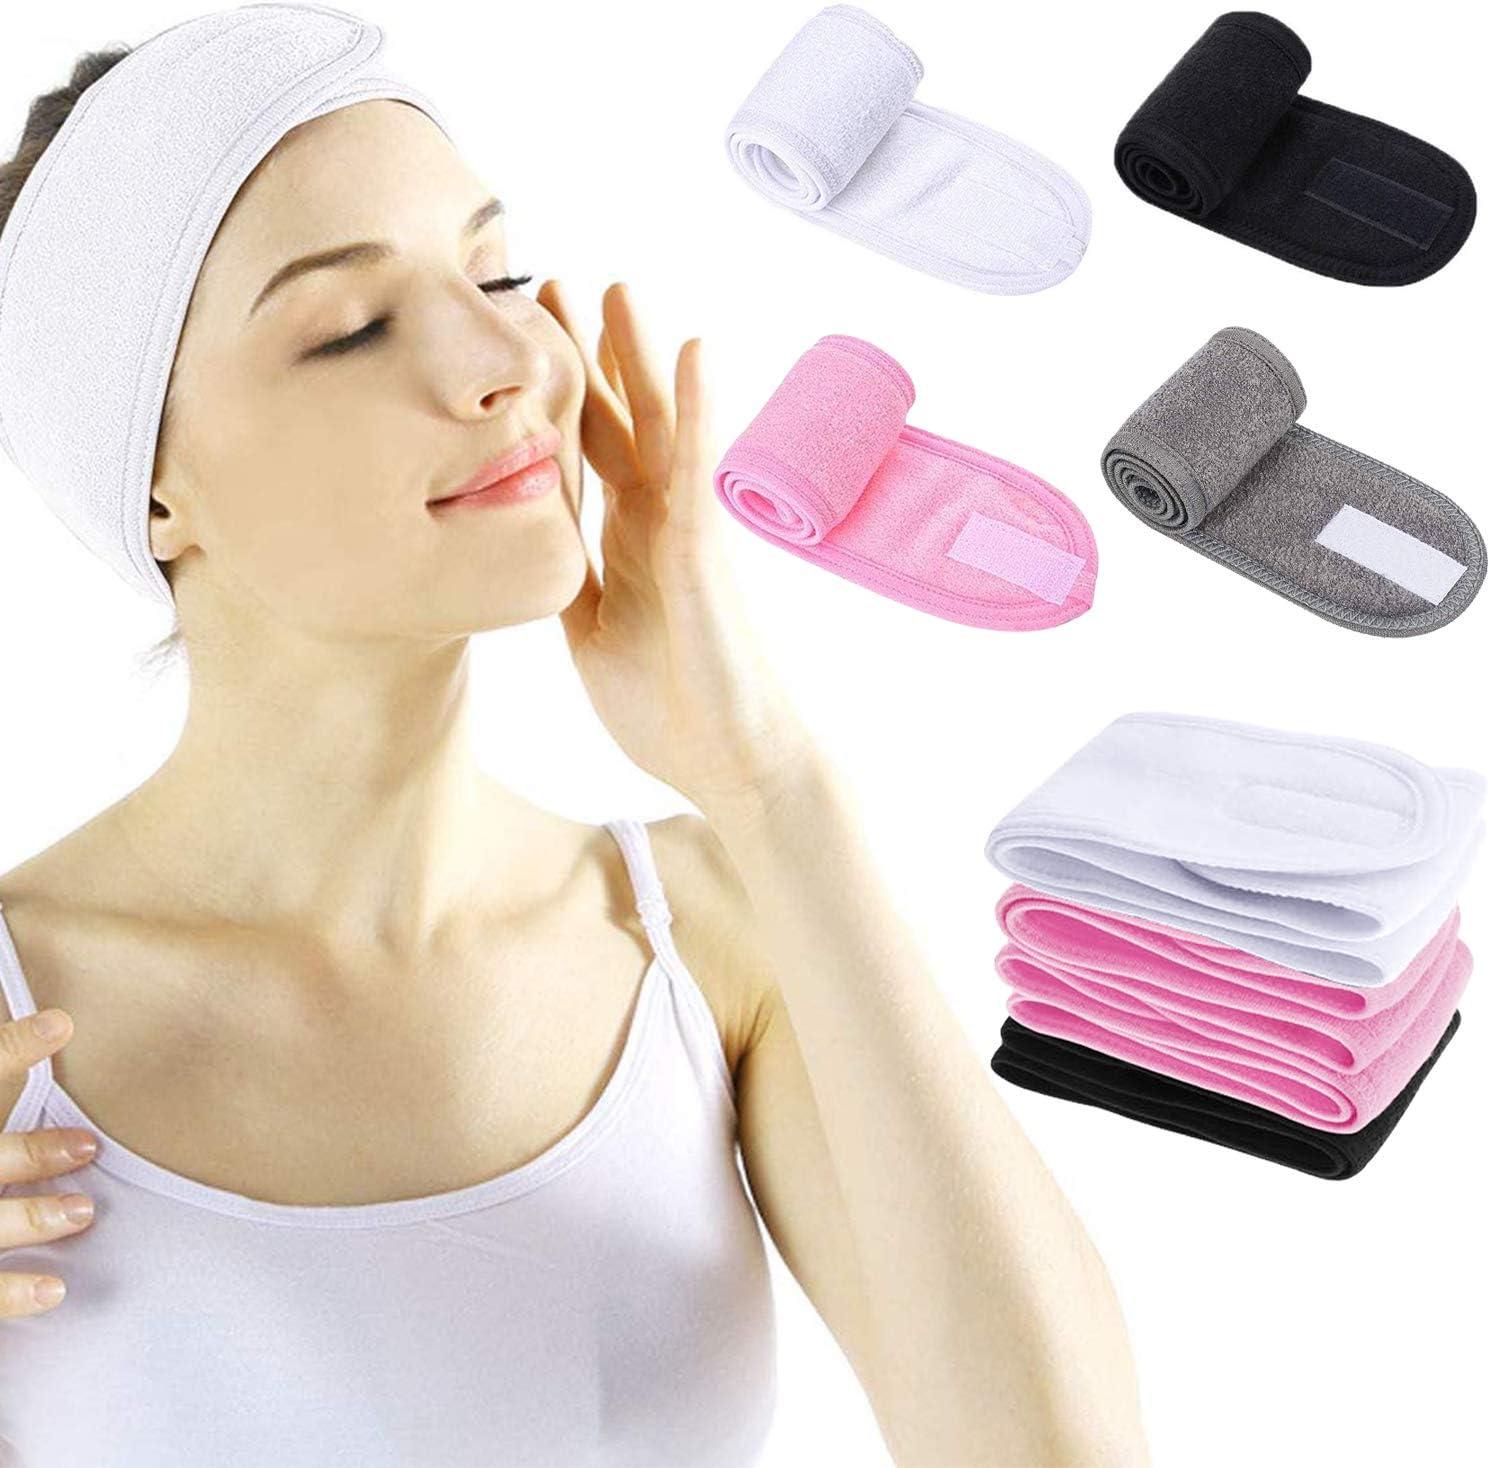 Diadema Maquillaje 3 Piezas Diadema Facial de SPA Ajustable para Ba/ñarse Lavado Facial Yoga Deportes Ducha con Cinta M/ágica